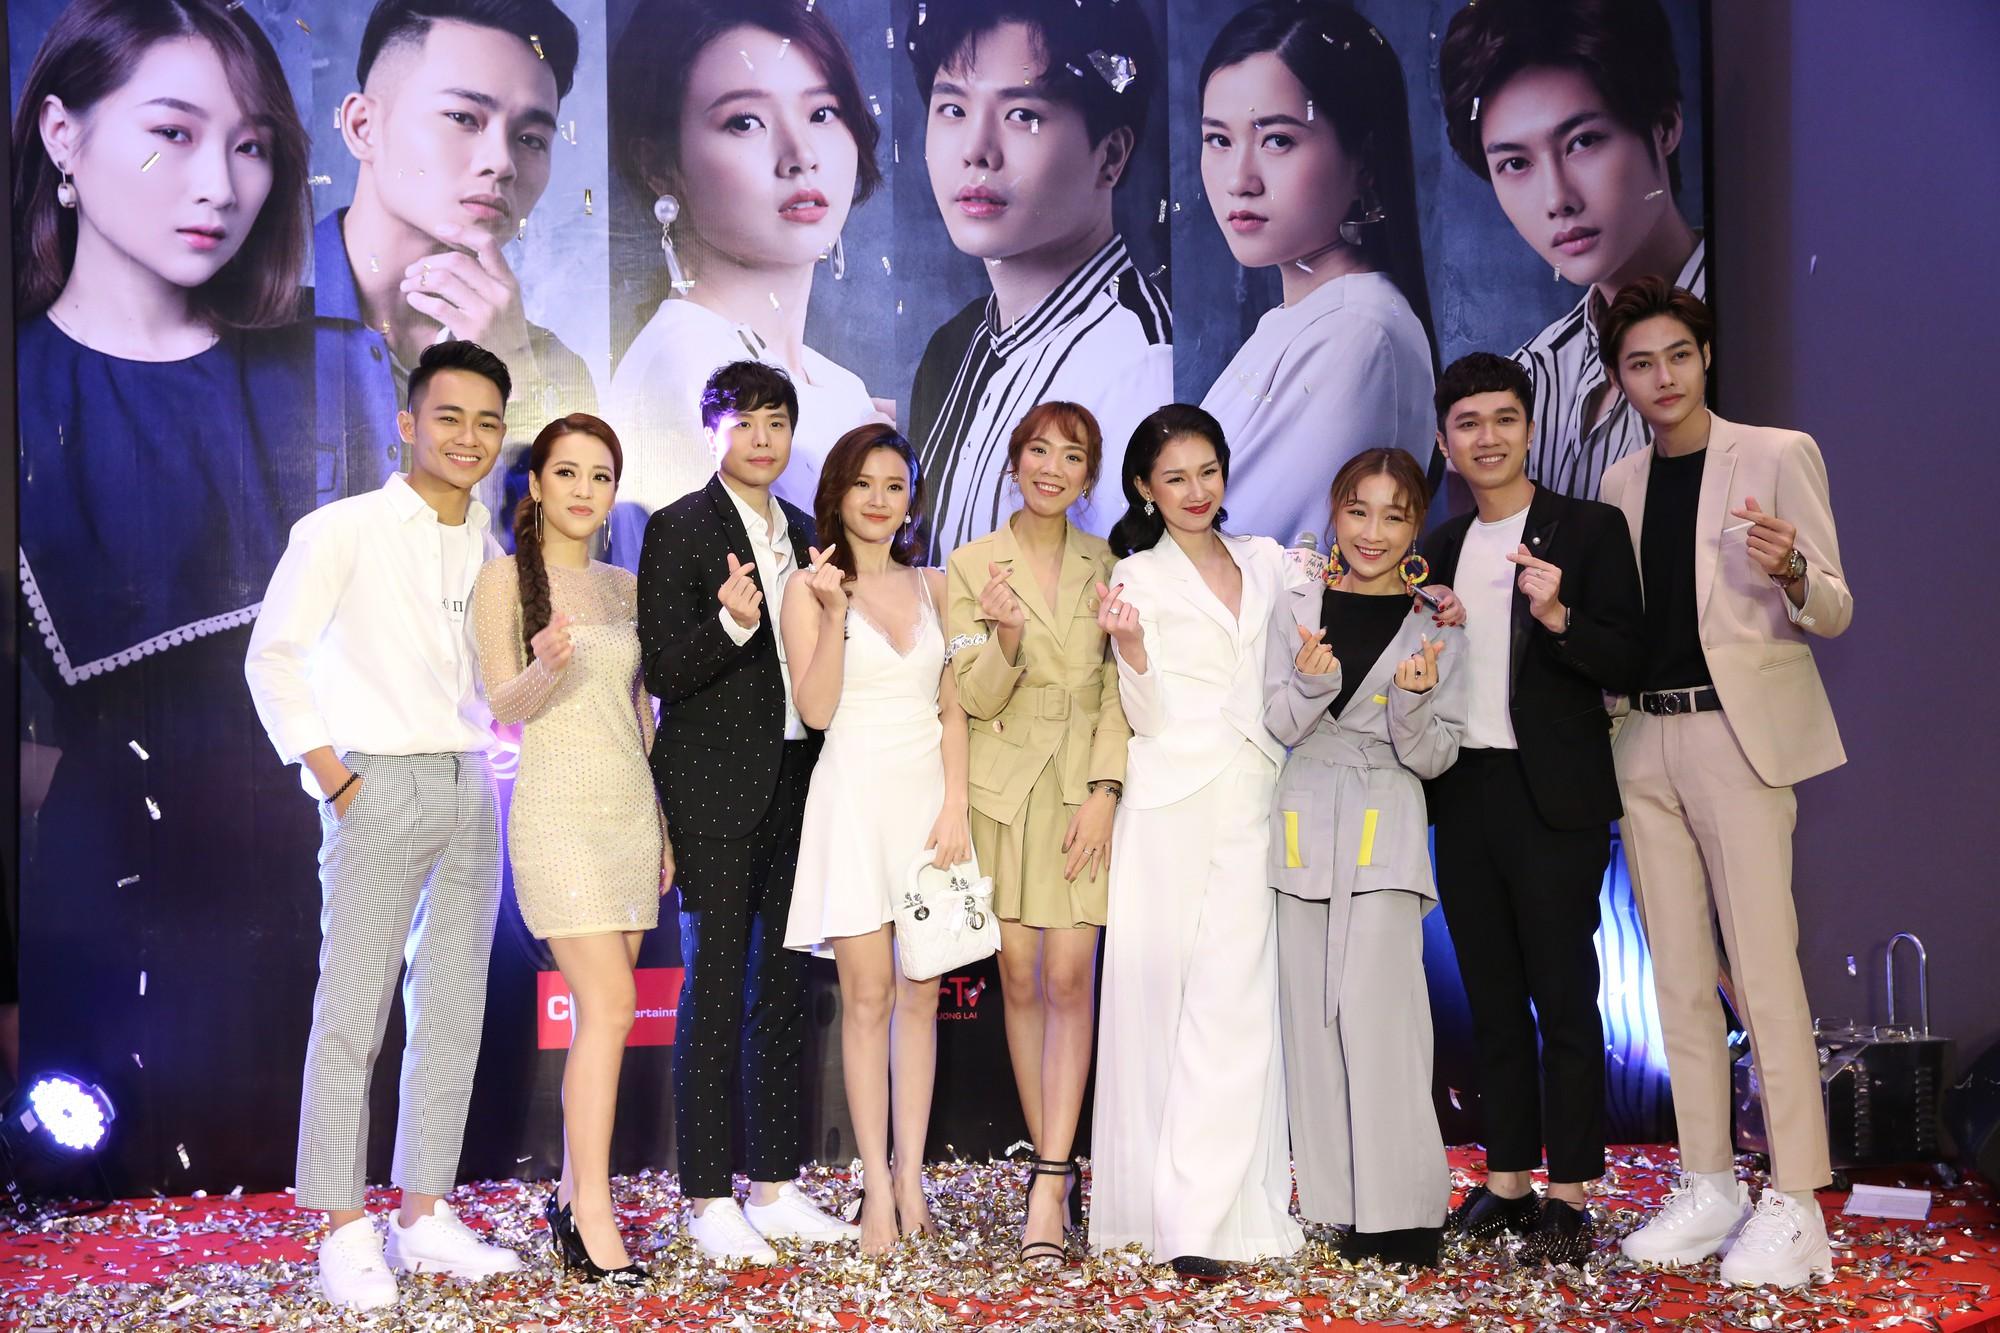 Midu đẹp rạng rỡ bên Trịnh Thăng Bình tại họp báo ra mắt dự án phim đầu tay do MC Quỳnh Chi sản xuất - Hình 5